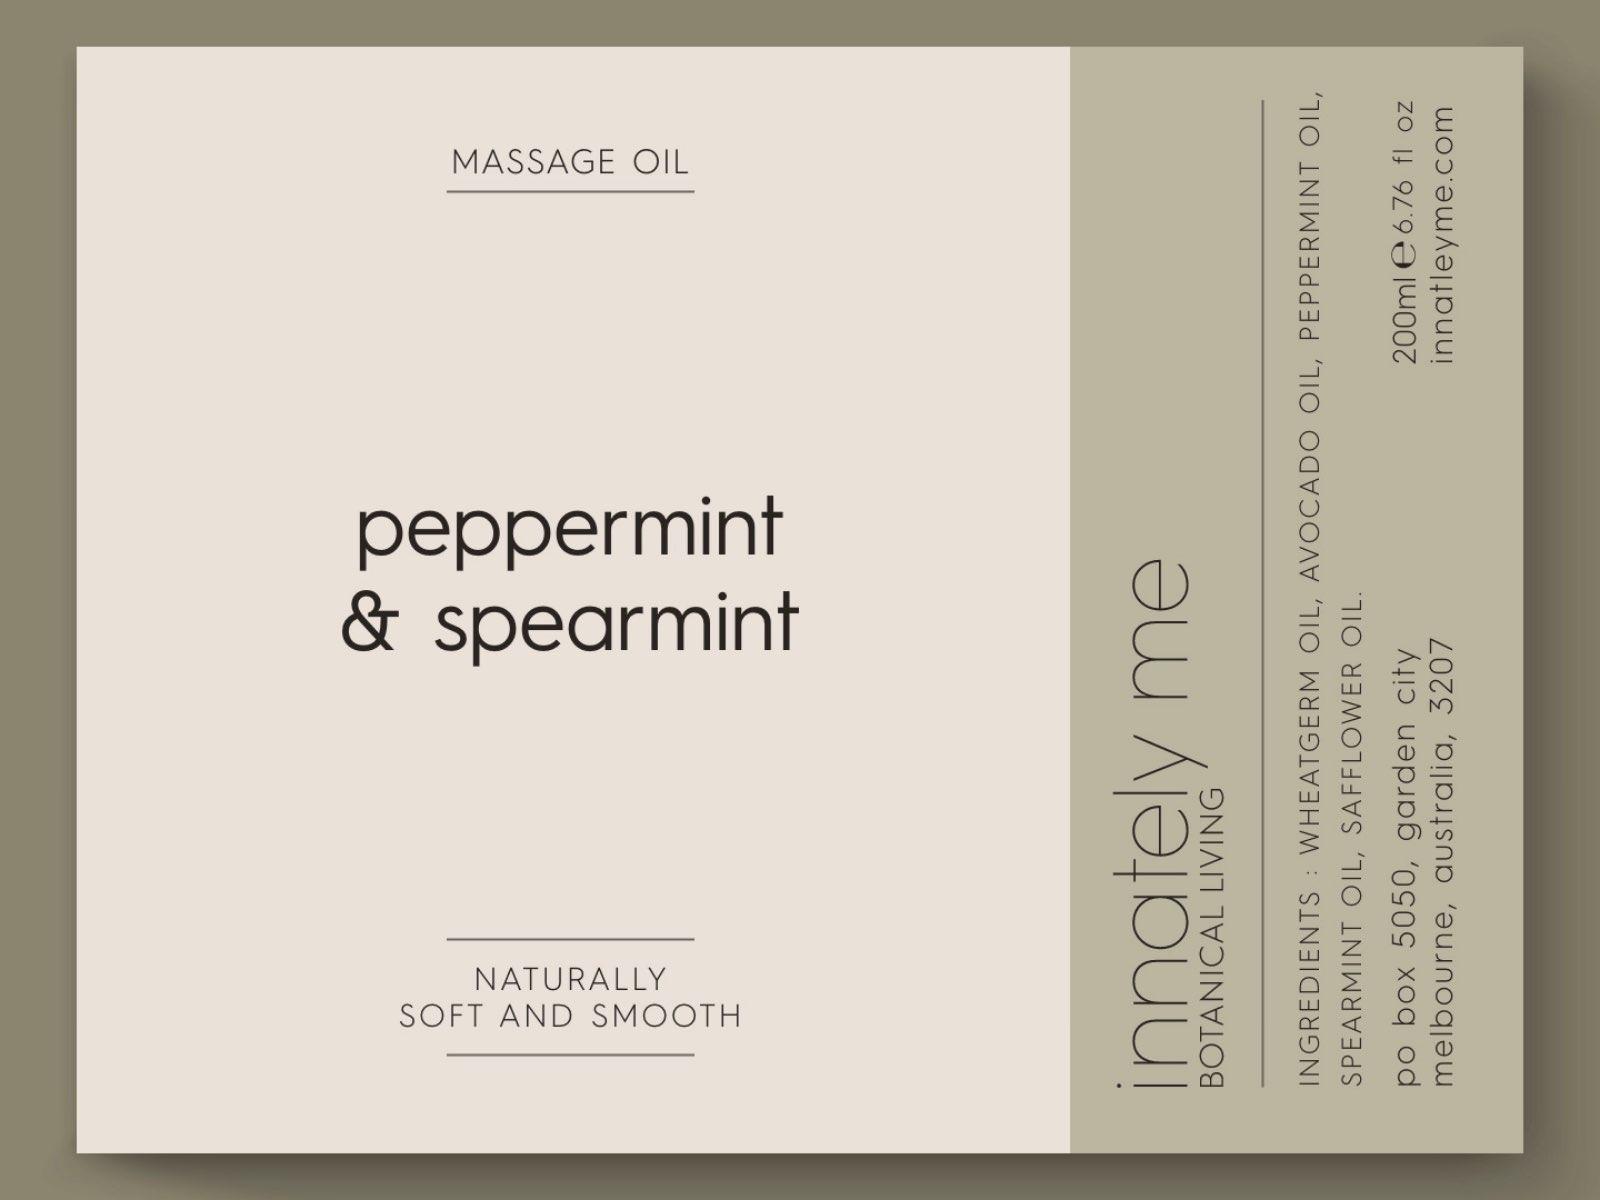 peppermint spearmint label design